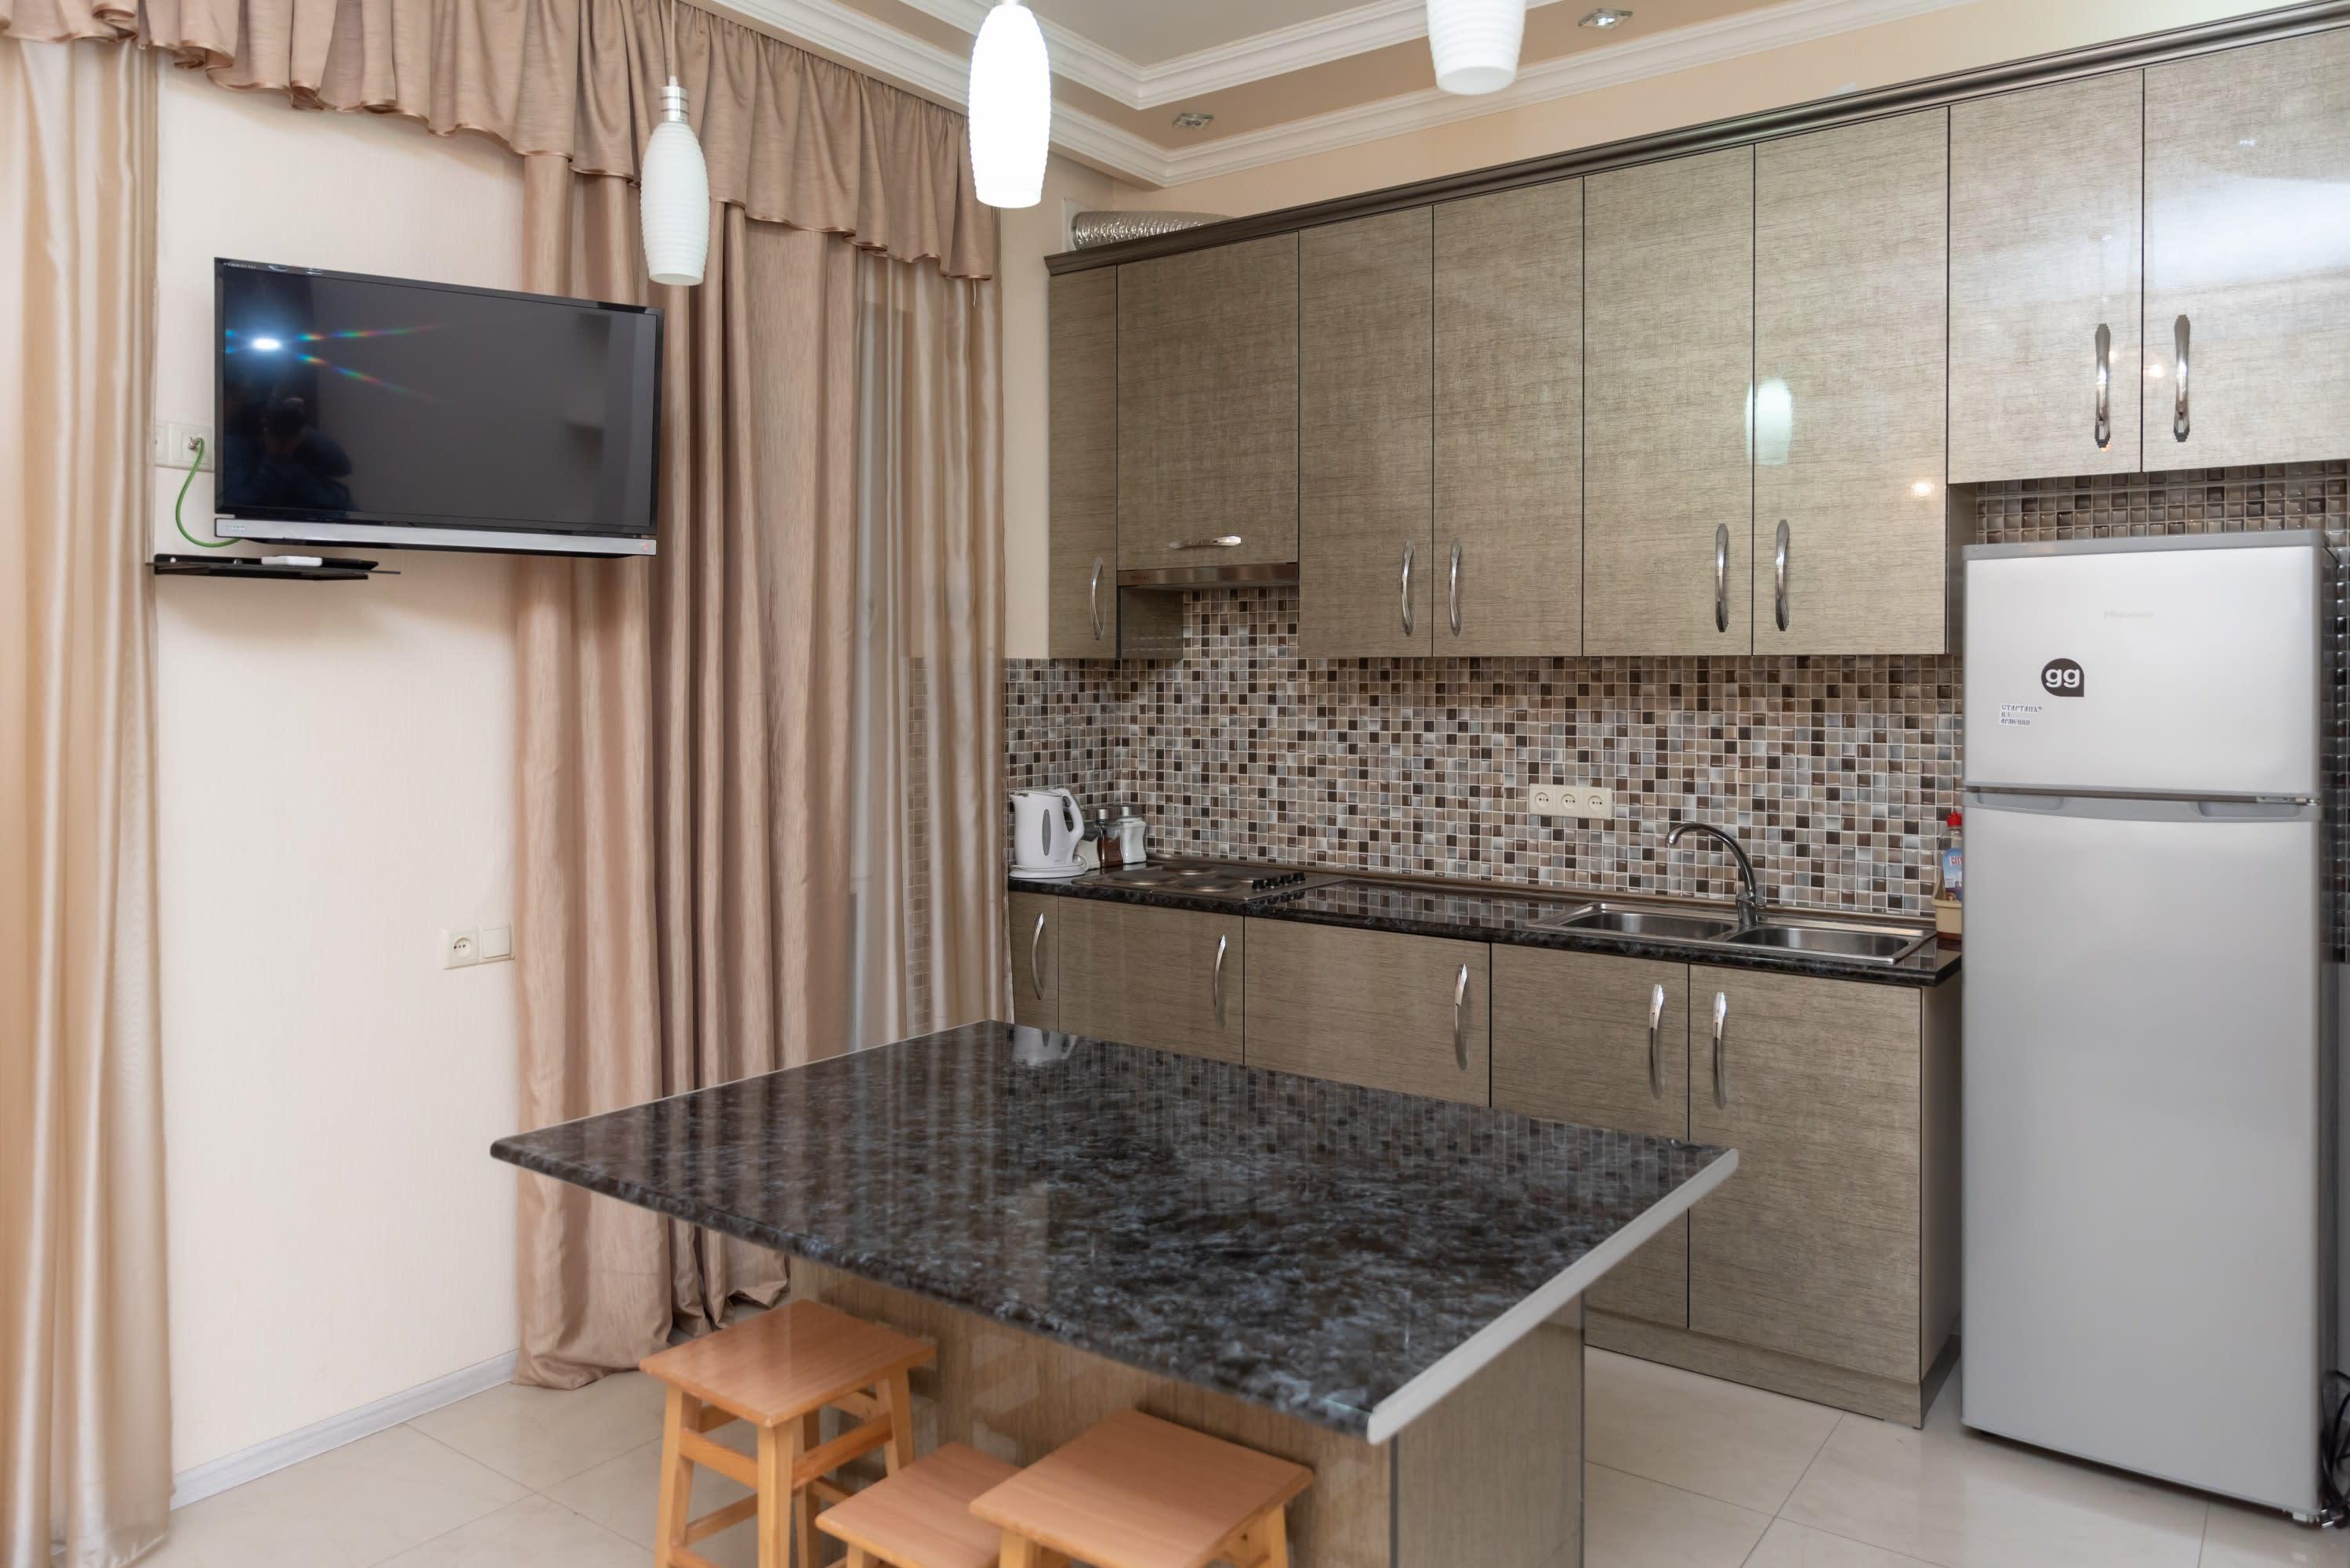 HOSTEL - ArtEast Hostel Yerevan